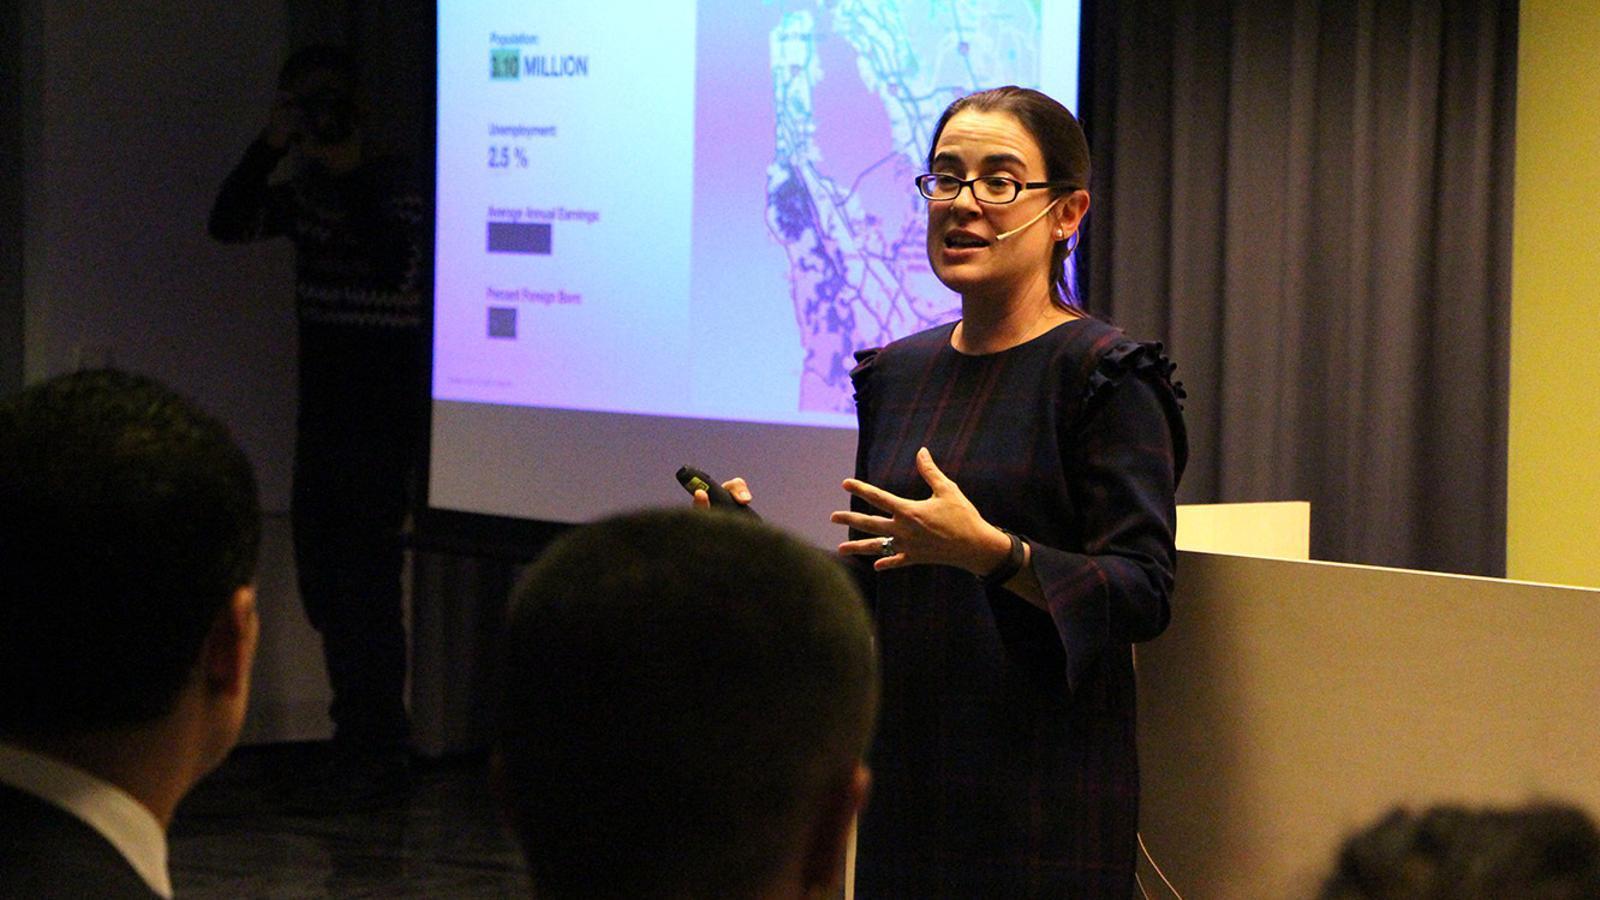 La cofundadora i sòcia gerent de Pear VC, Mar Hershenson, durant la xerrada que ha ofert aquest dijous a la tarda a Crèdit Centre. / M. P. (ANA)